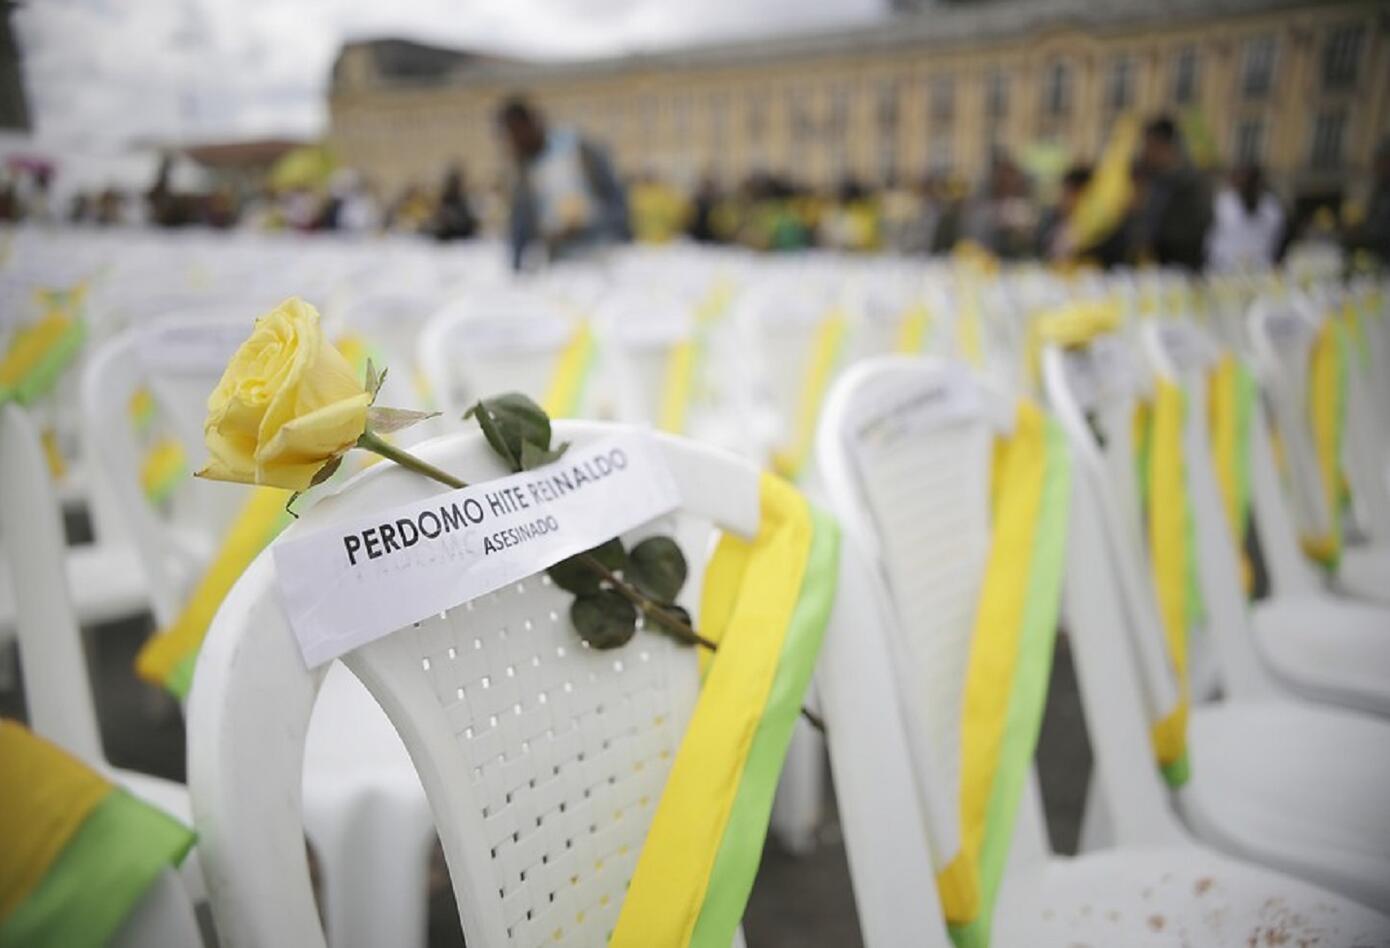 Con sillas vacías representando a las victimas, los familiares de los desaparecidos y sobrevivientes le pidieron al Estado esclarecer y ayudar en la búsqueda de los restos de sus seres queridos.